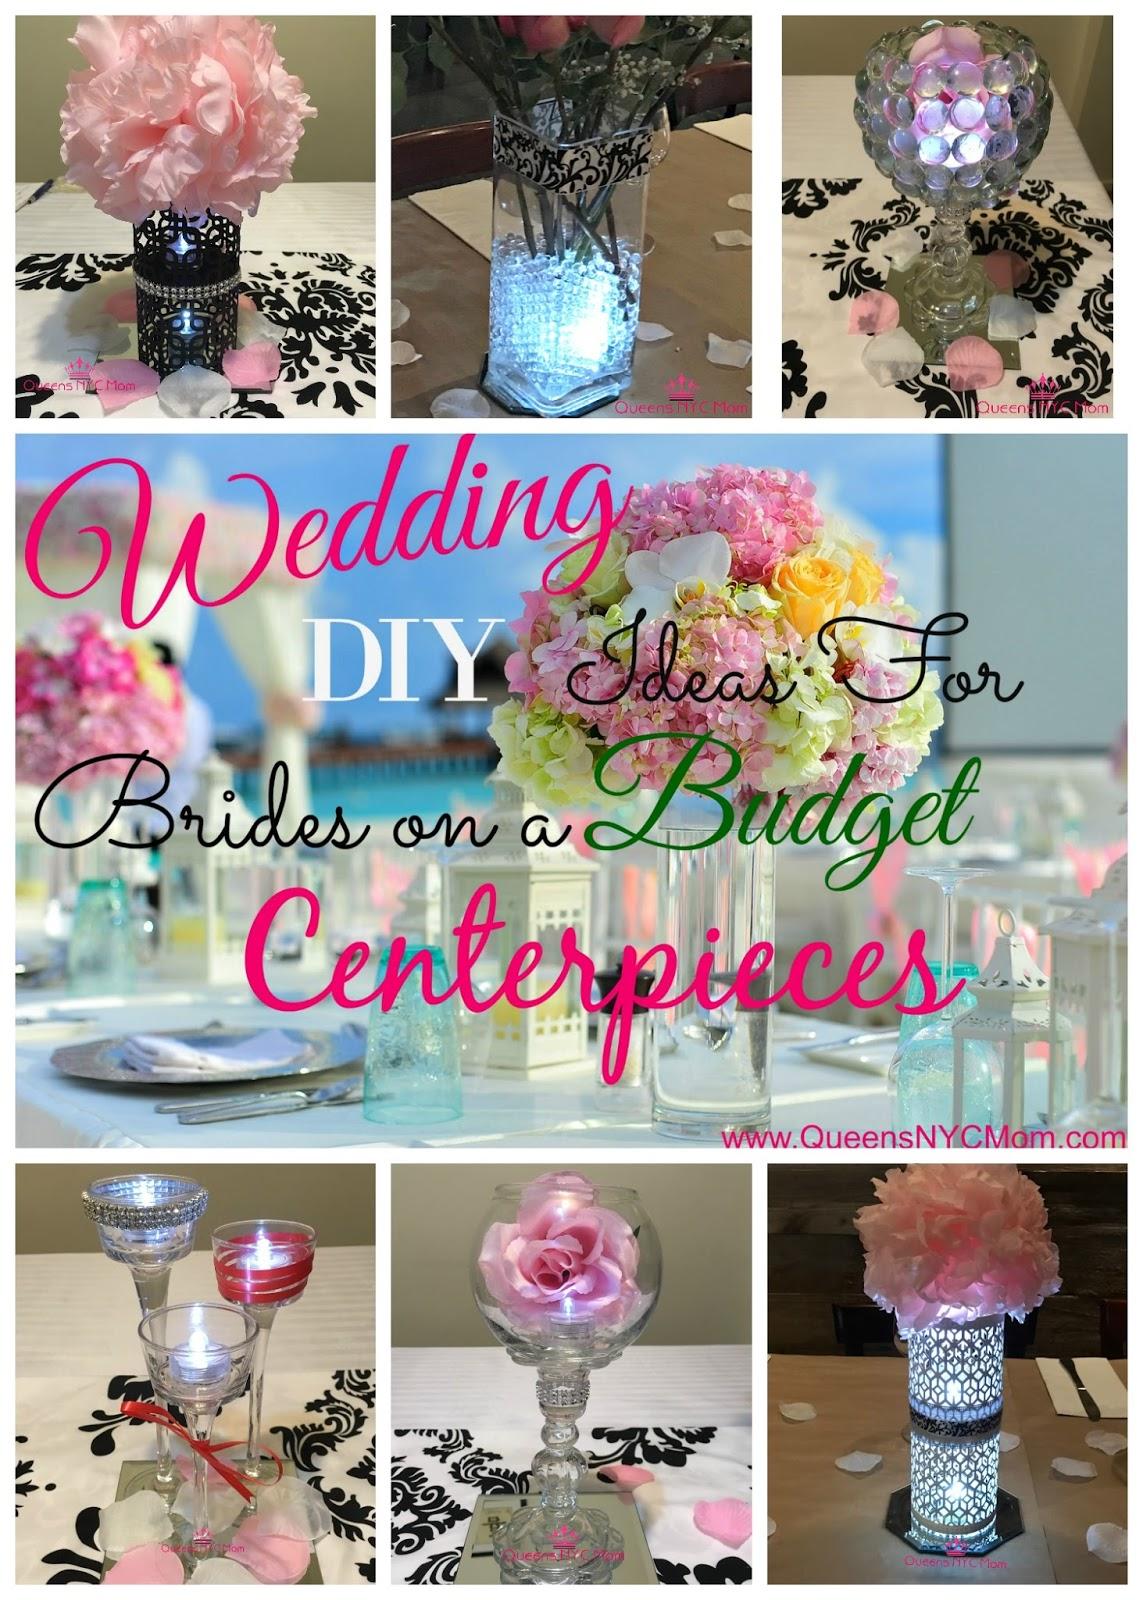 Wedding Diy Ideas For Brides On A Budget Centerpieces Queensnycmom